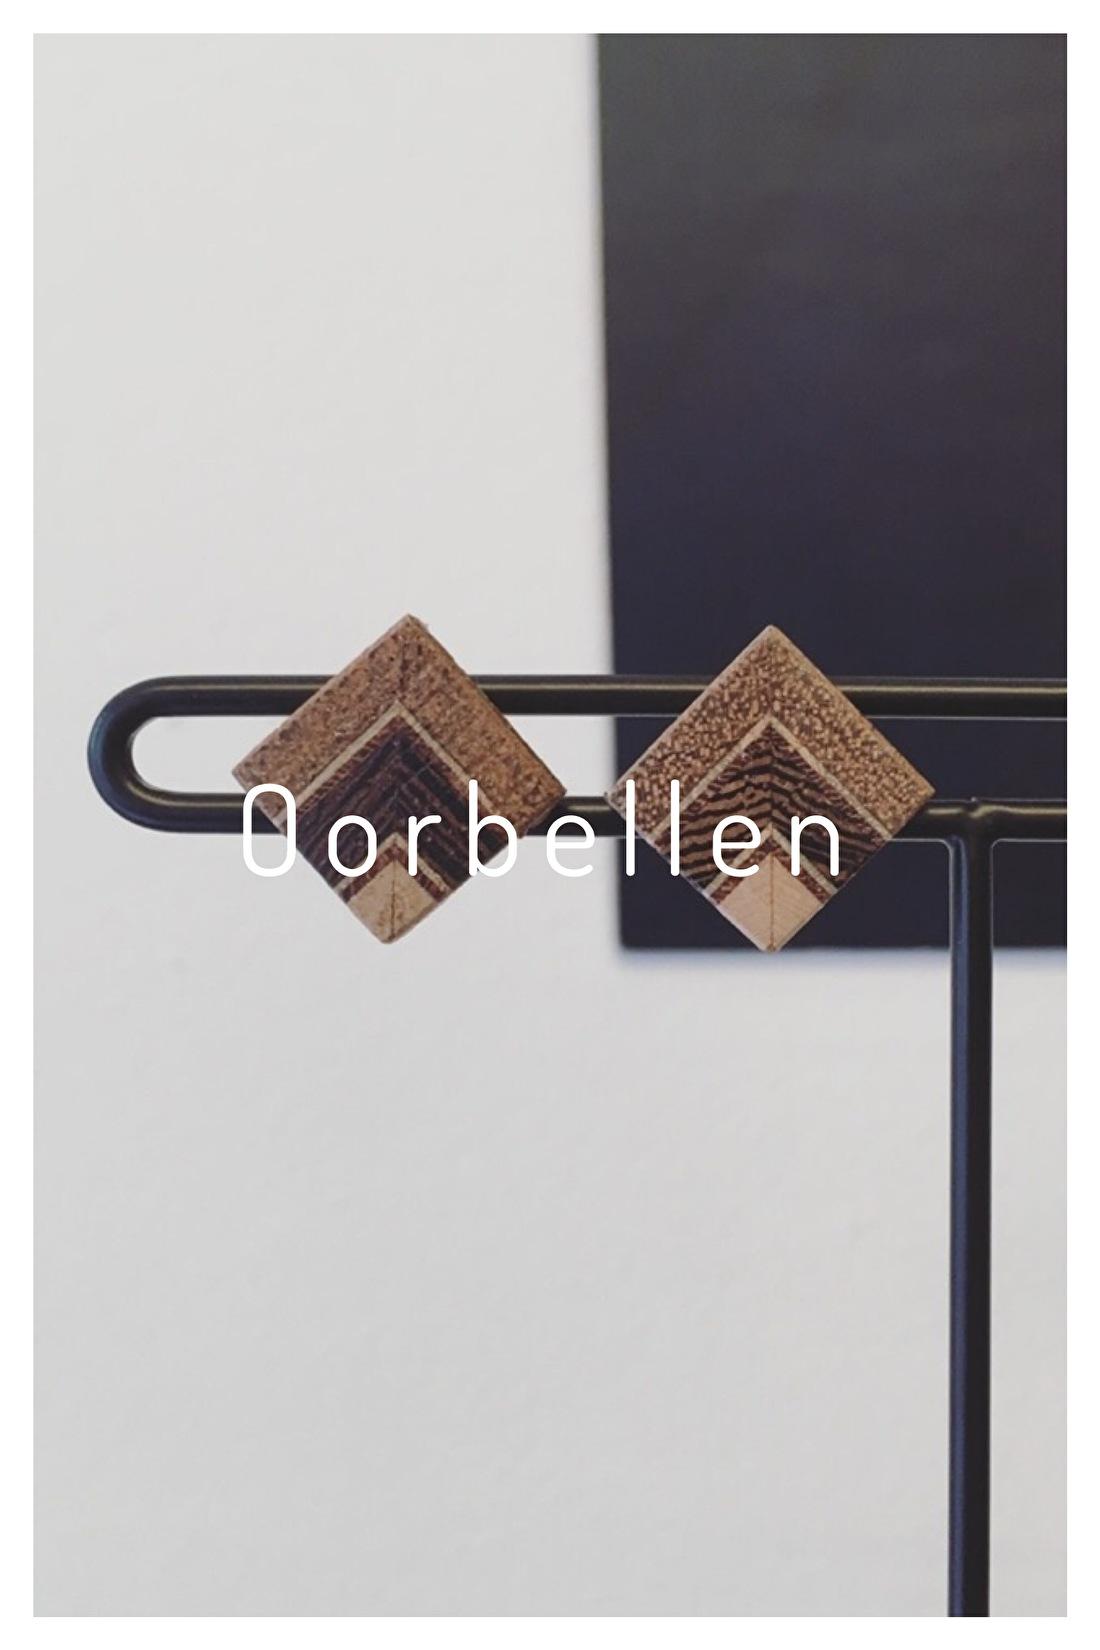 producten_home_studio_mooibos_houten_lampen_wandhaken_ringen_sieraden_oorbellen_manchetknopen_vanhout-5466.jpg